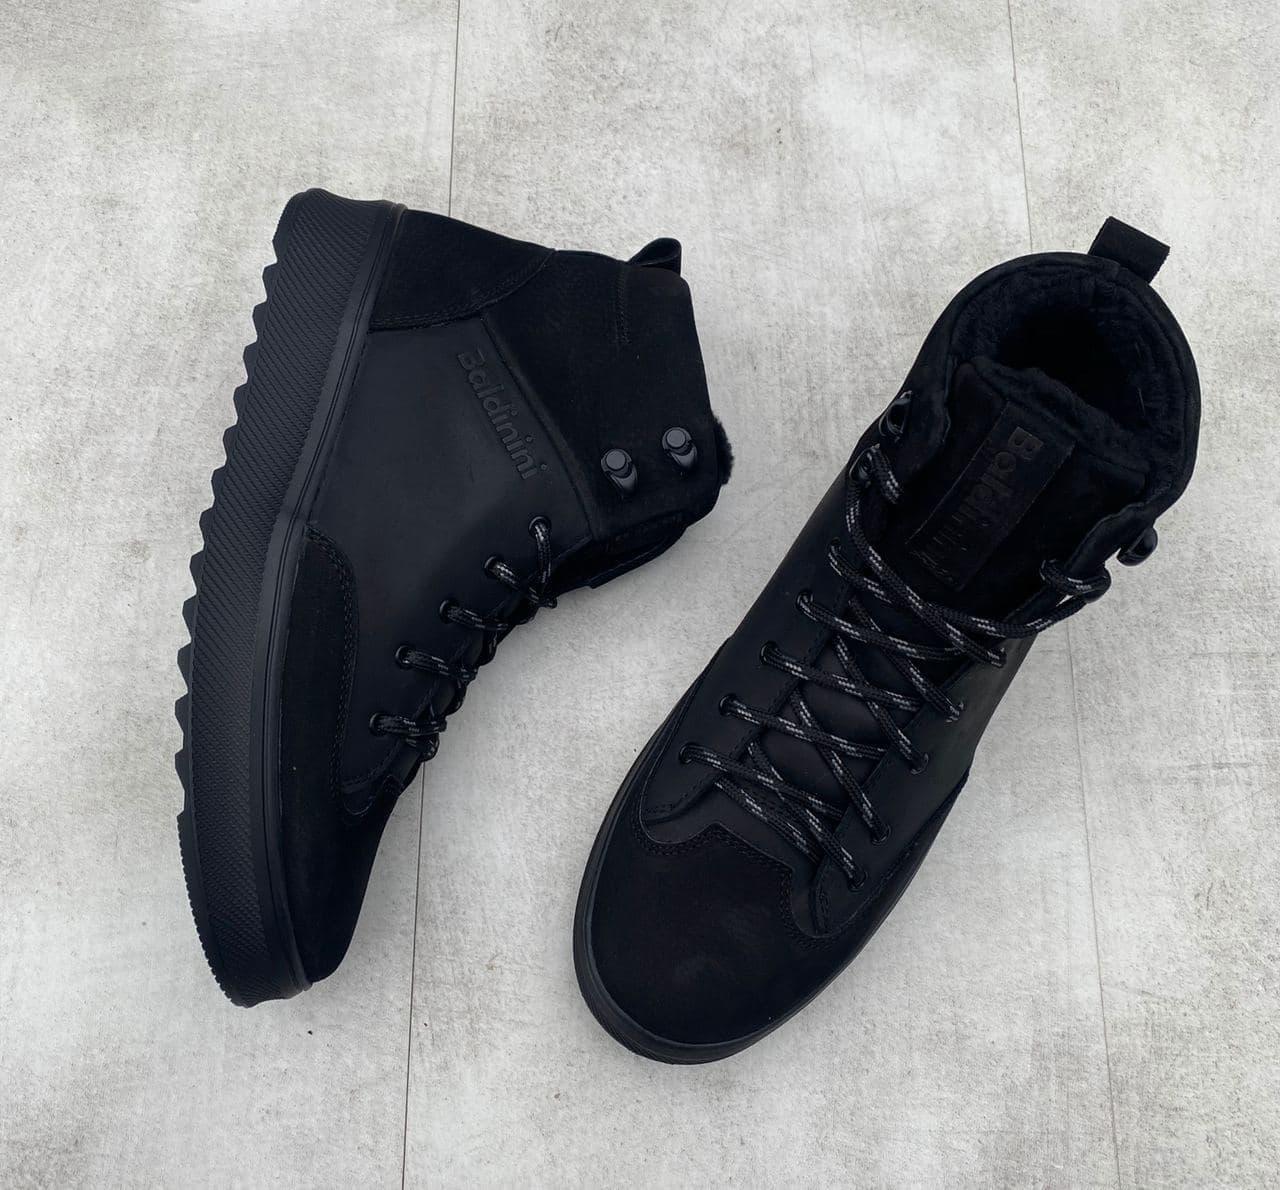 Мужские ботинки Baldinini H1138 черные